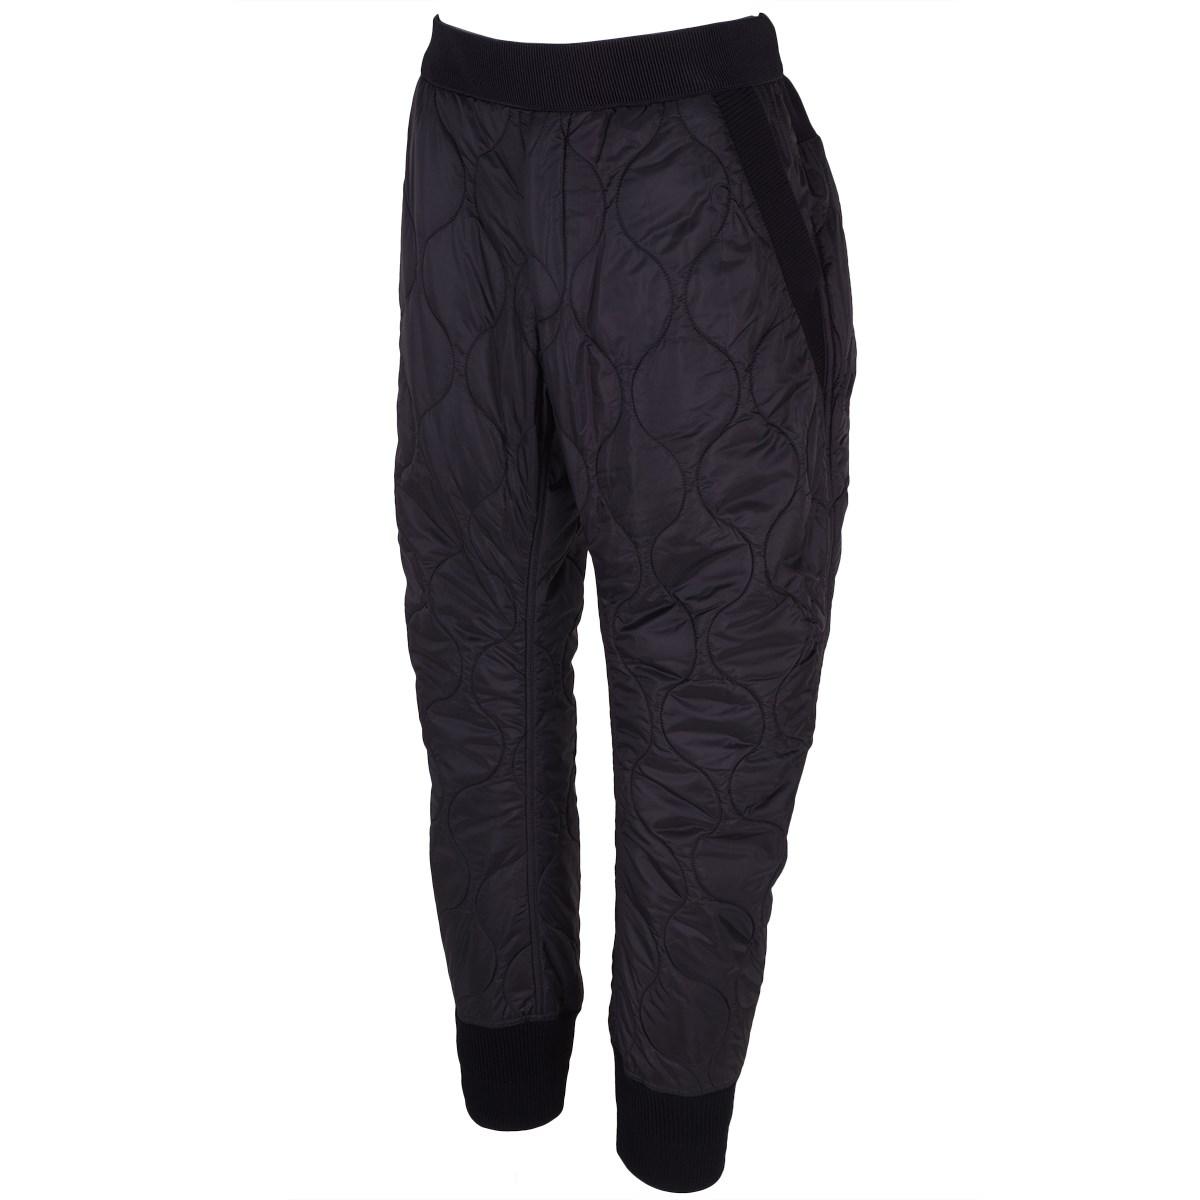 ナンバーエム NUMBER M キルティング 裾リブ パンツ 46 ブラック